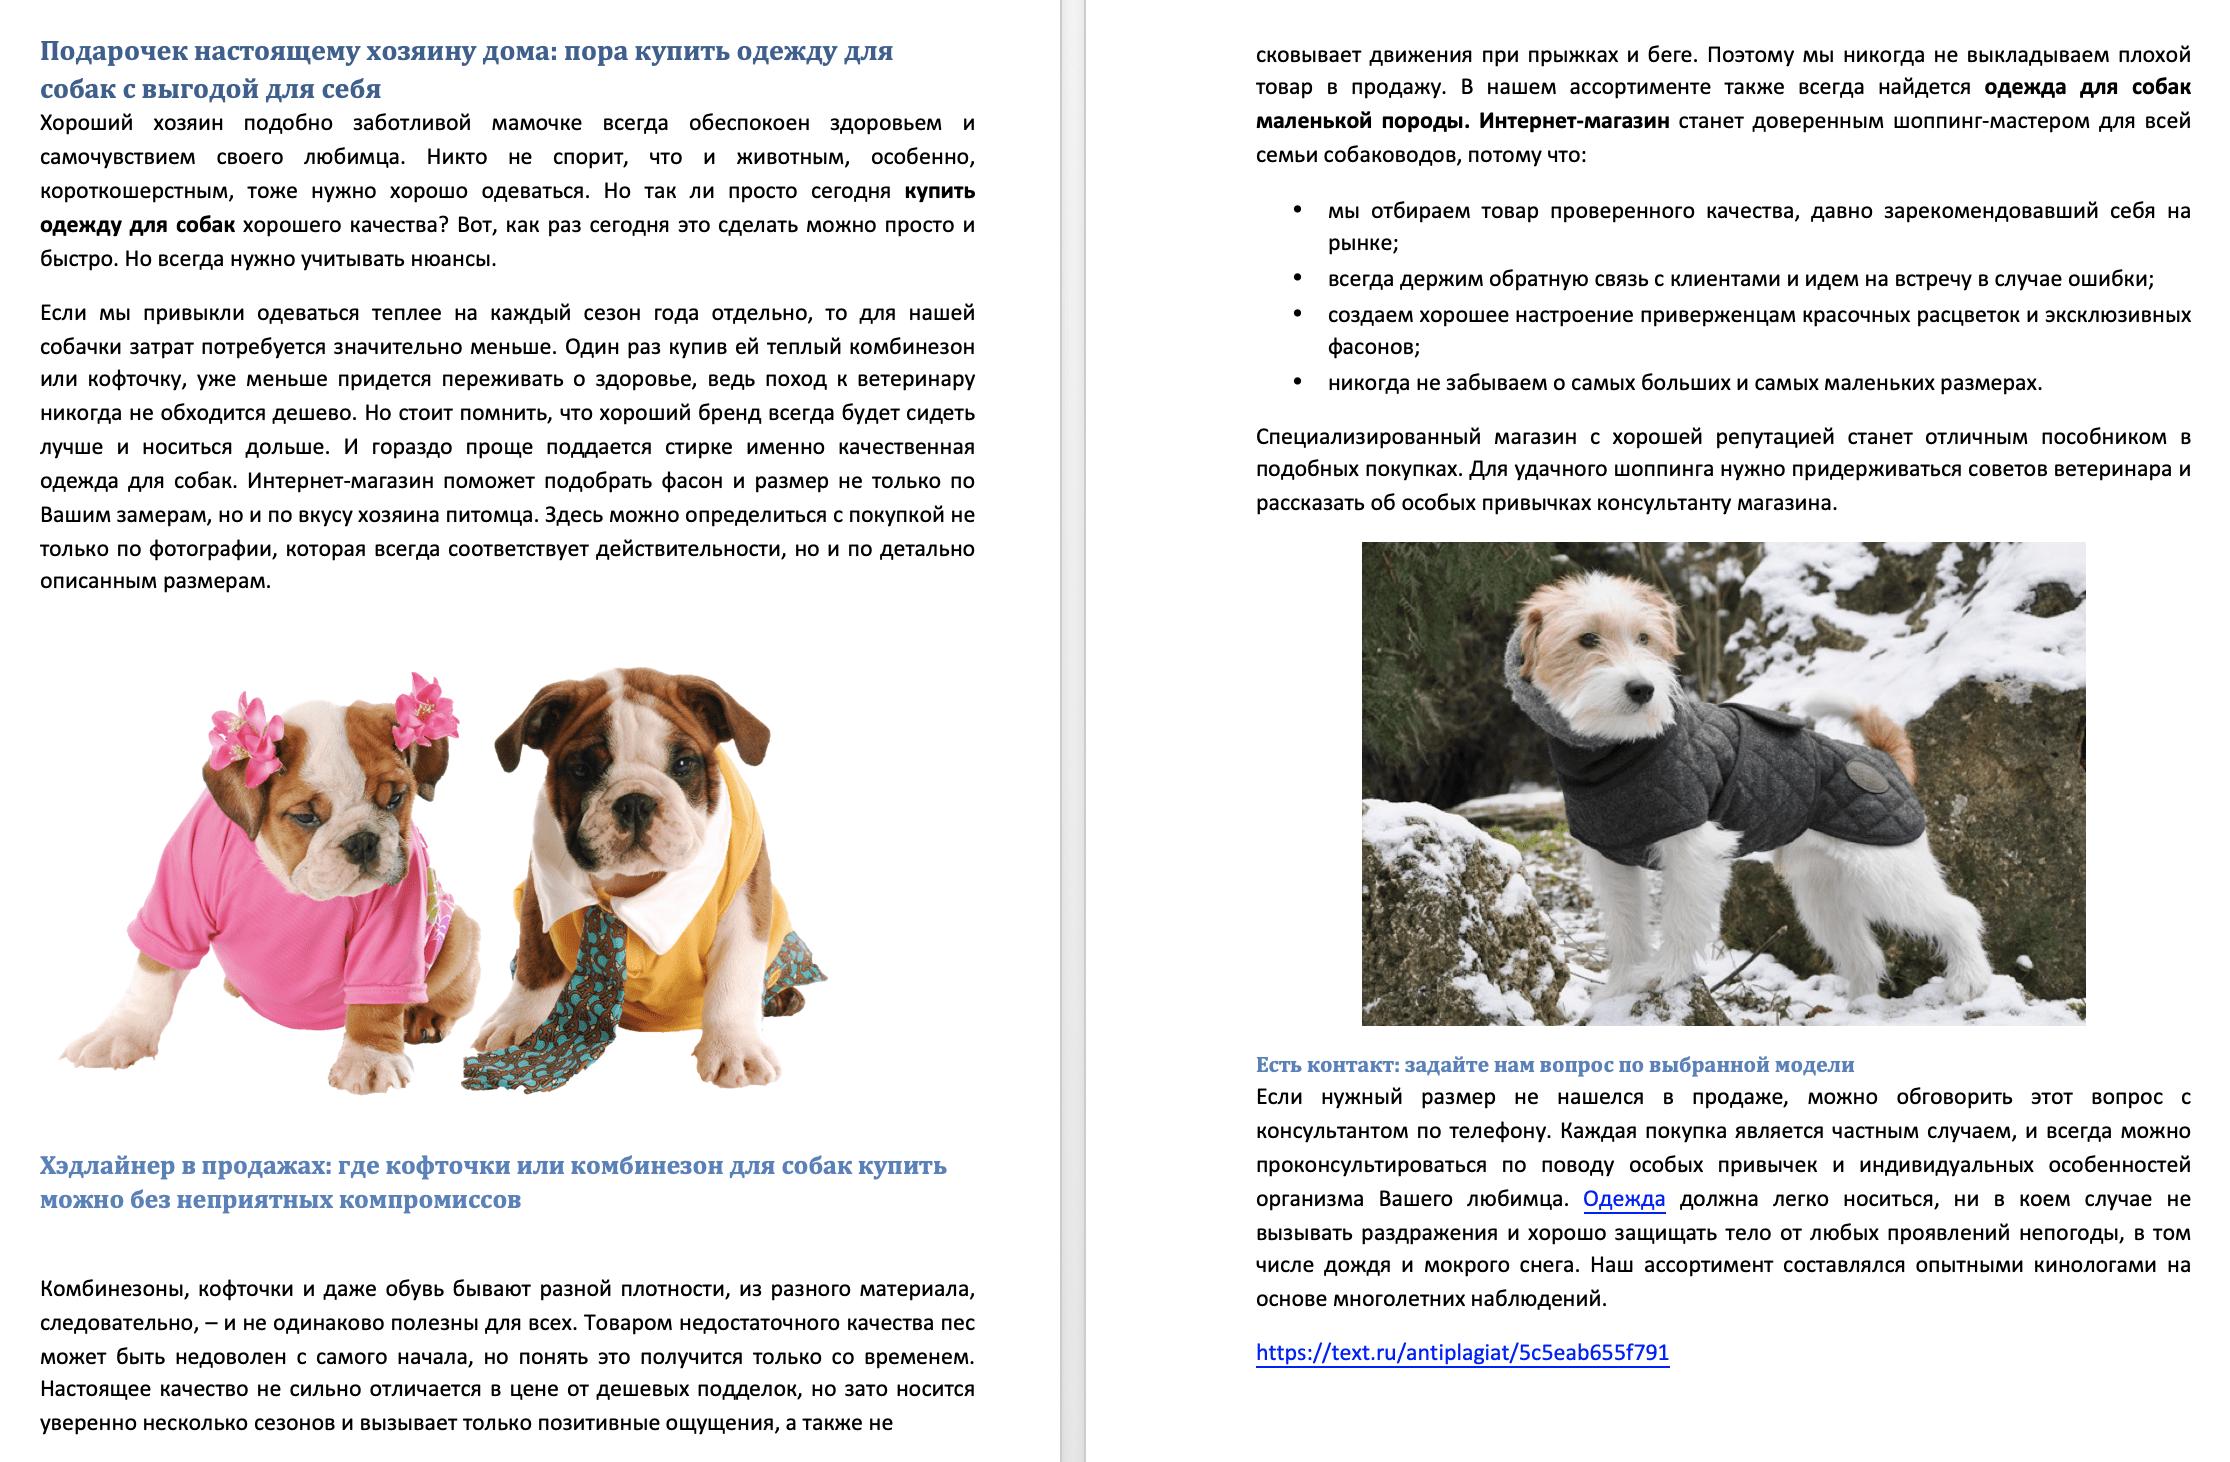 Пример описаний для товаров №4 – Сео-Тексты для интернет-магазина товаров для собак.